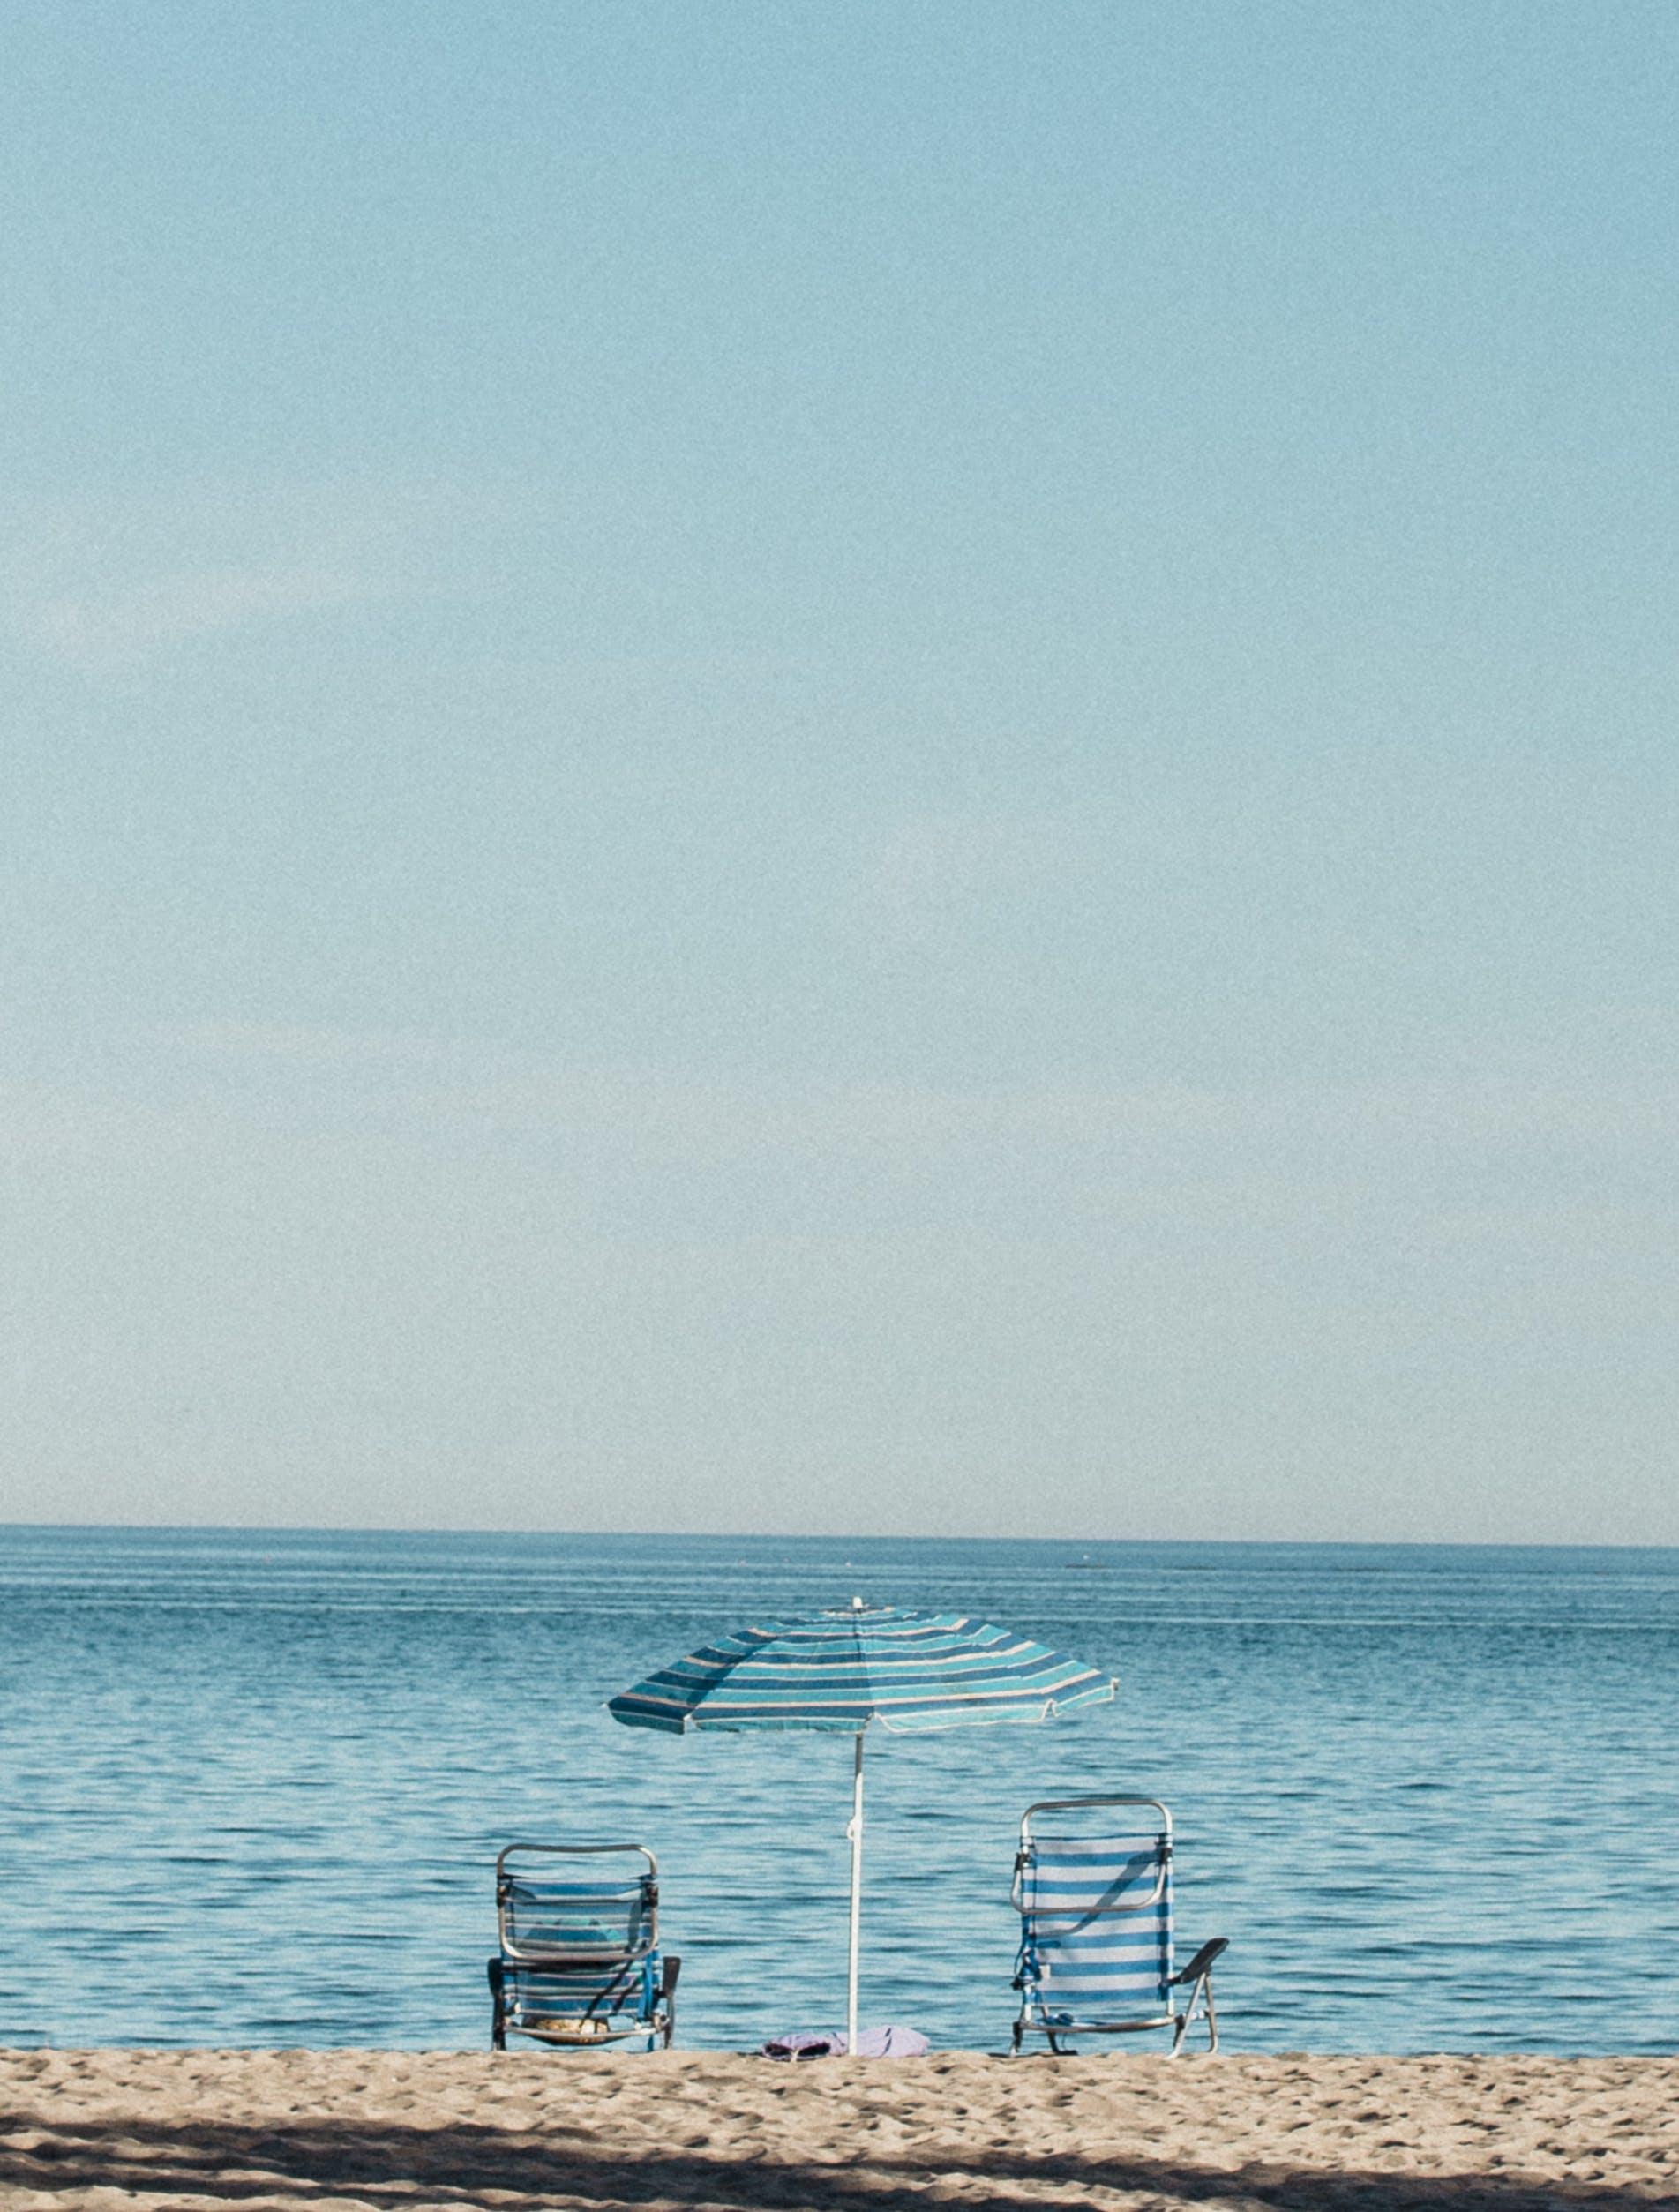 Kostenloses Stock Foto zu himmel, horizont, landschaftlich, liegestühle